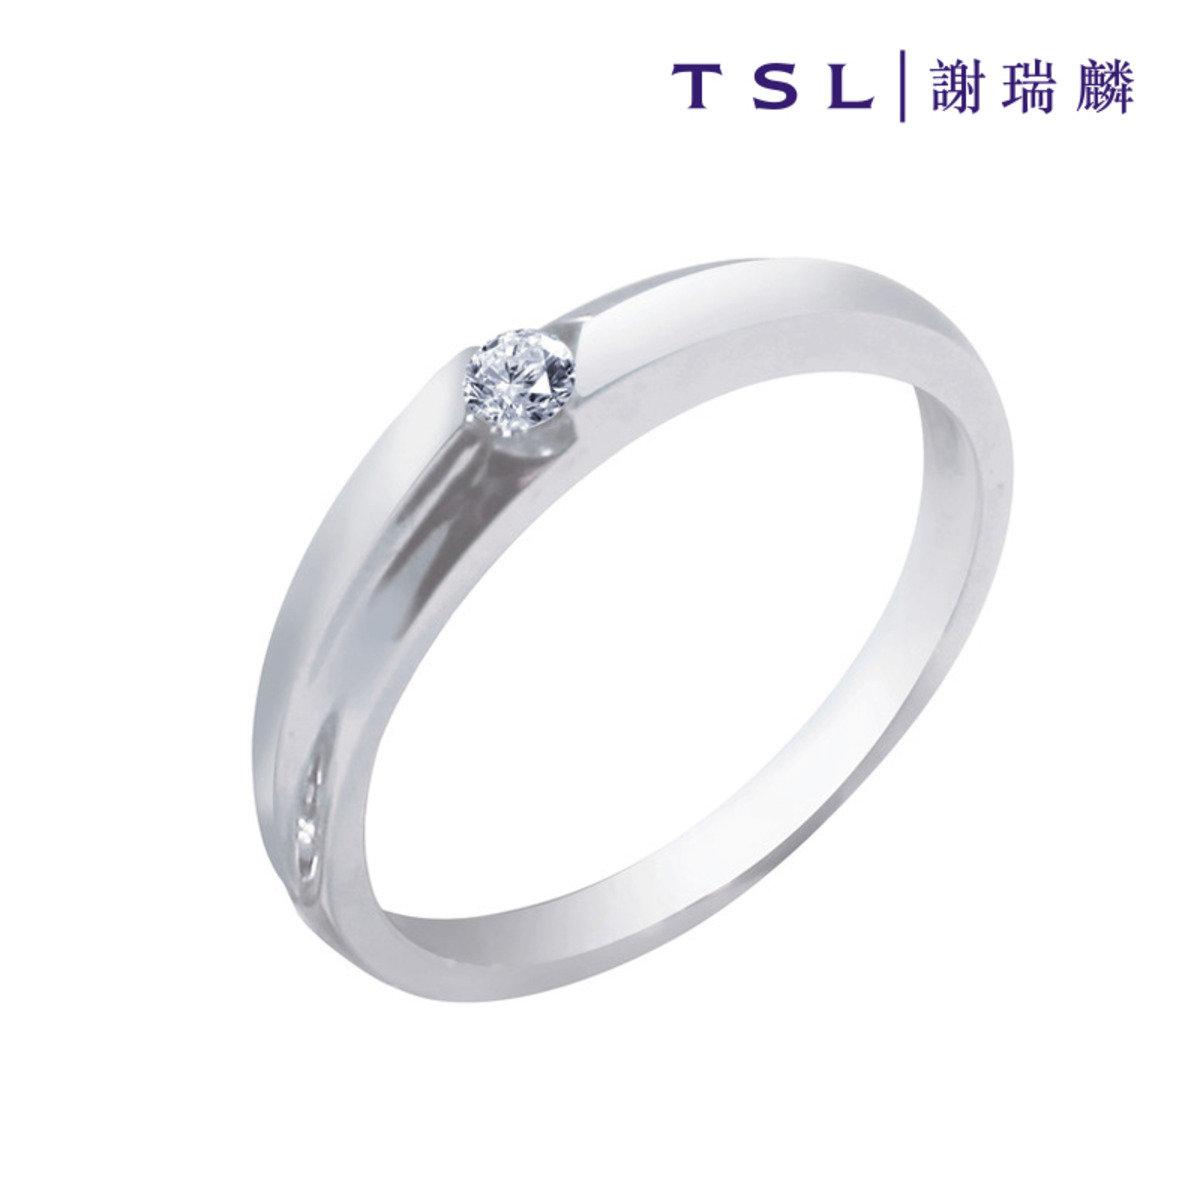 750/18K白色黃金鑲天然鑽石戒指